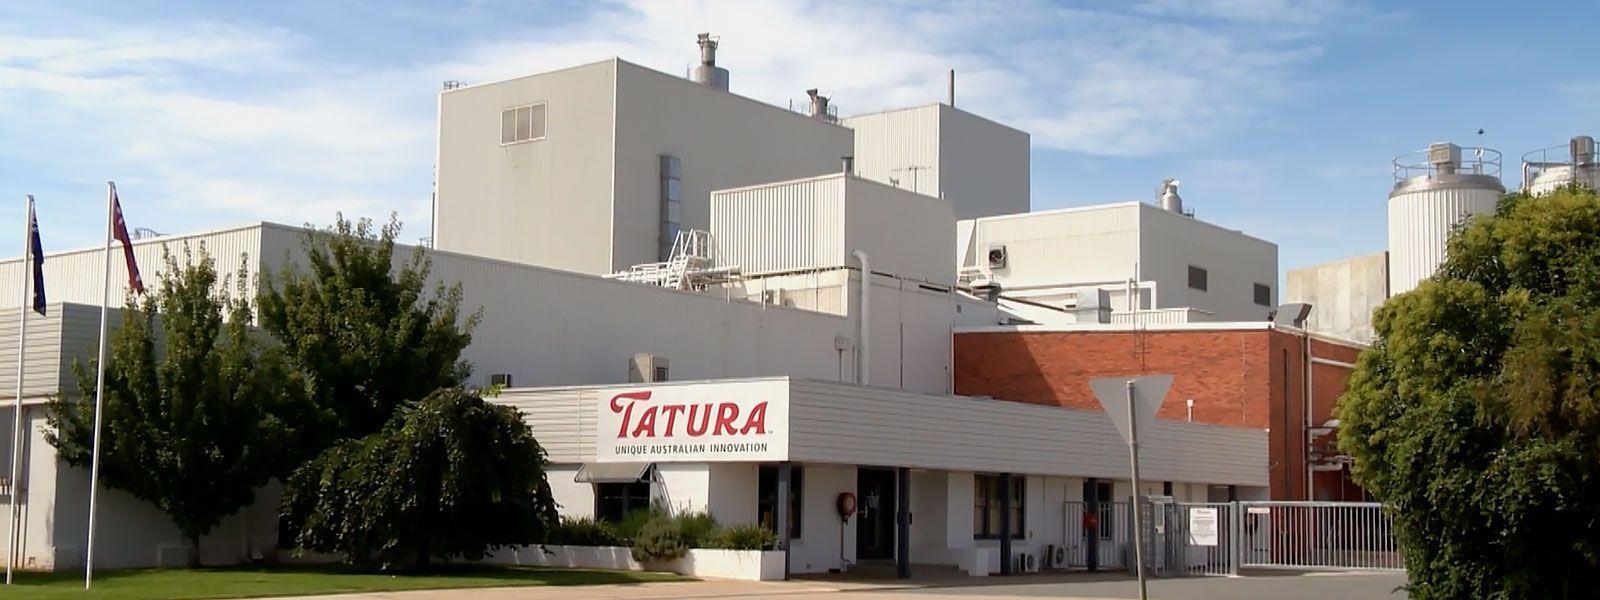 Tatura Milk Industries Ltd.